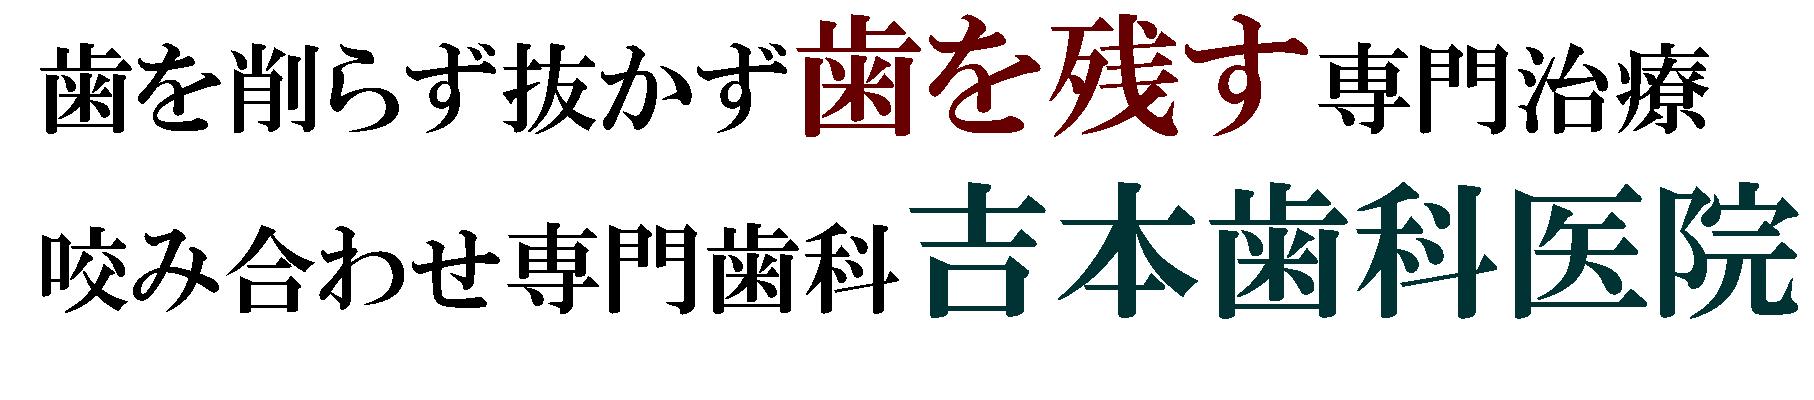 再発を起こしにくい歯科治療なら香川県高松市の吉本歯科医院|削らず薬で治す歯科治療